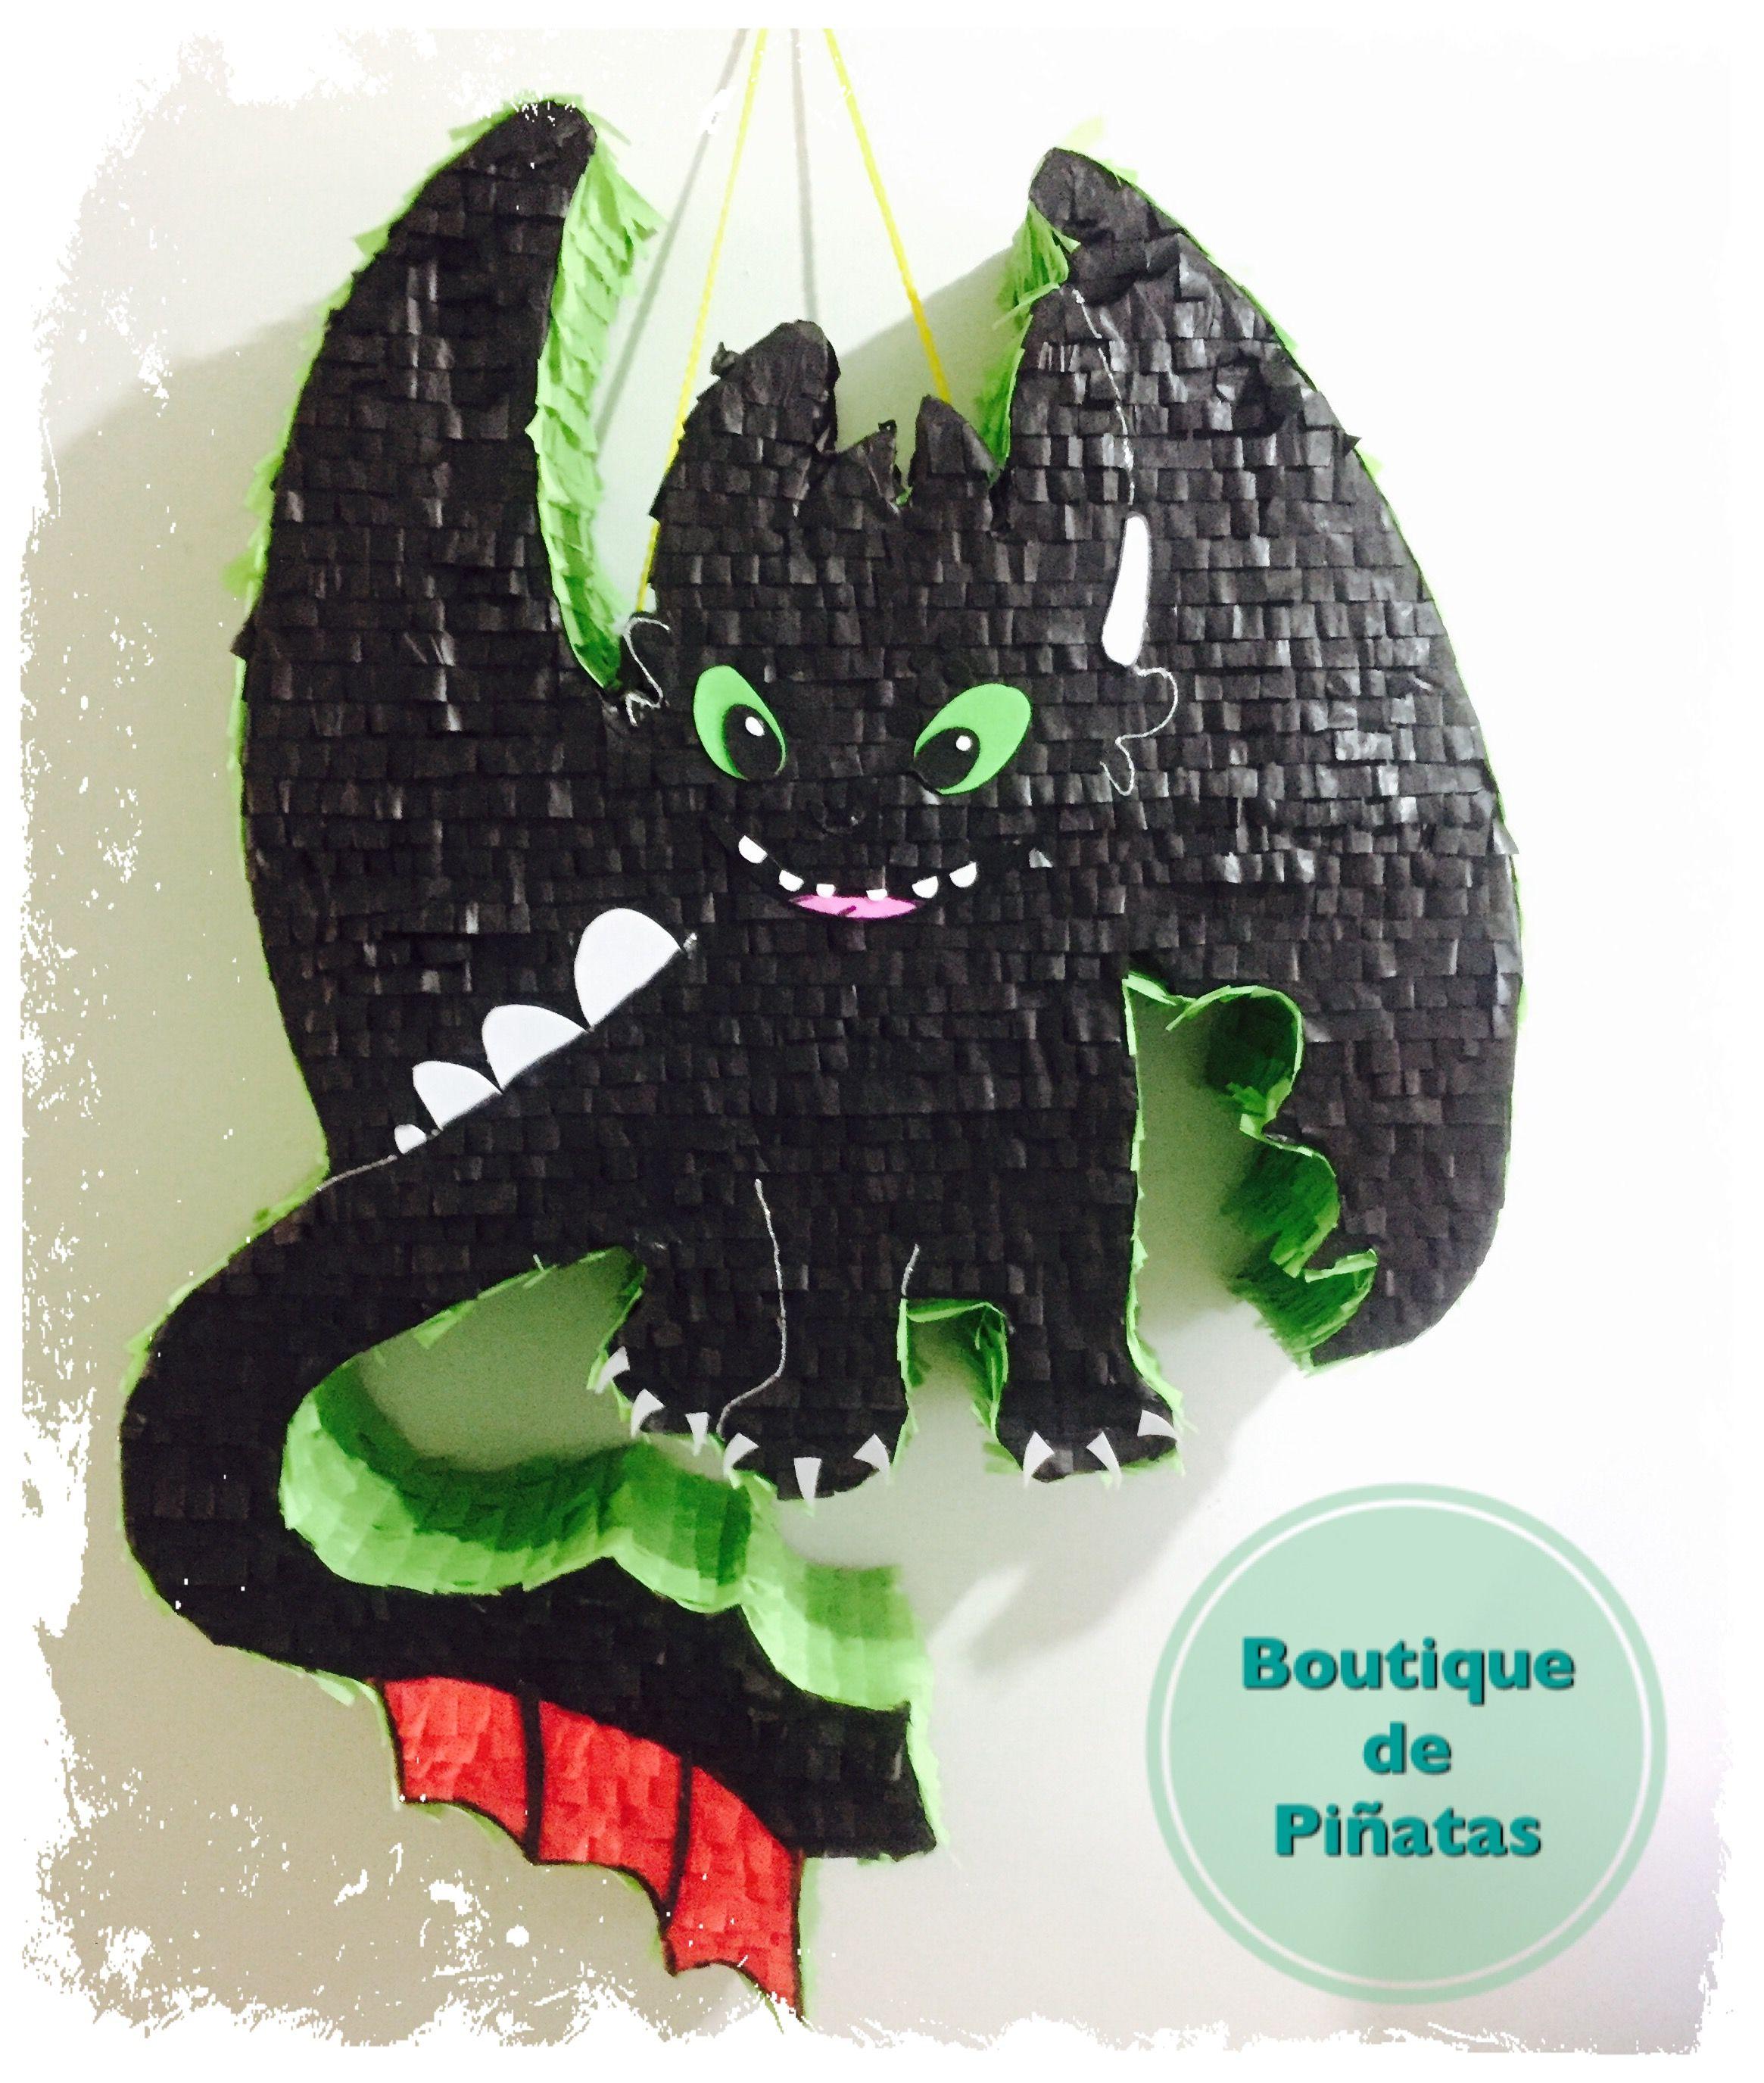 Chimuelo Toothless Como Entrenar A Tu Dragon Pinata 580 Pinatas Para Ninos Pinatas Fiesta Del Dragon